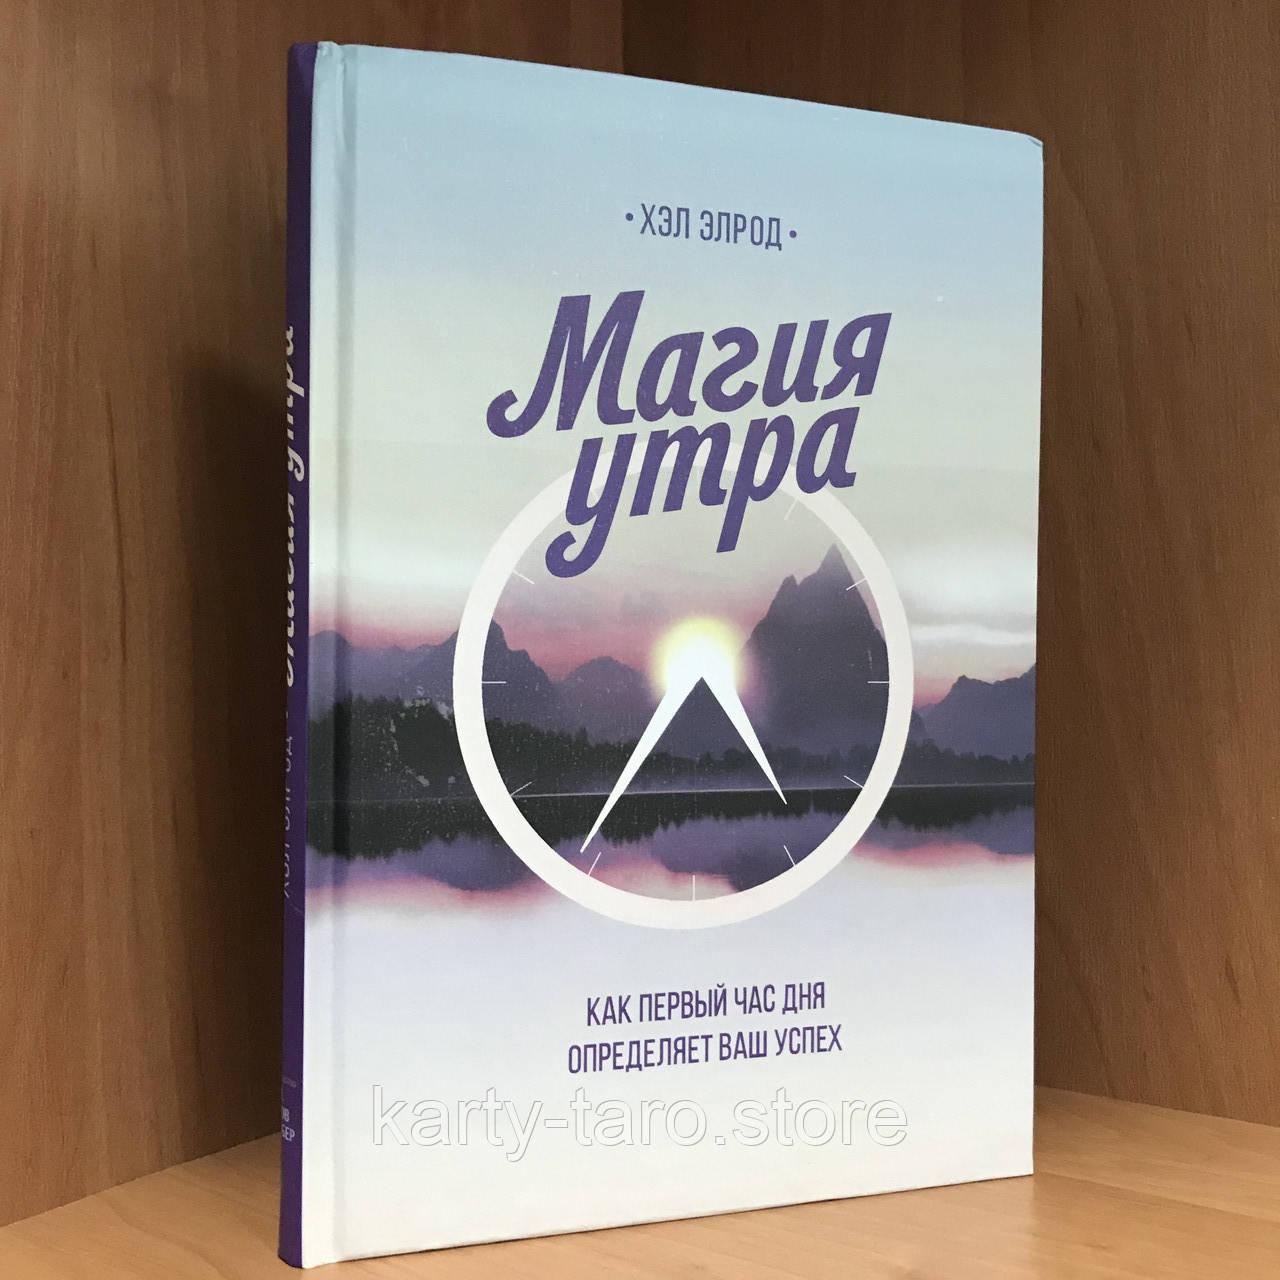 Книга Магия утра. Как первый час дня определяет ваш успех - Хэл Элрод